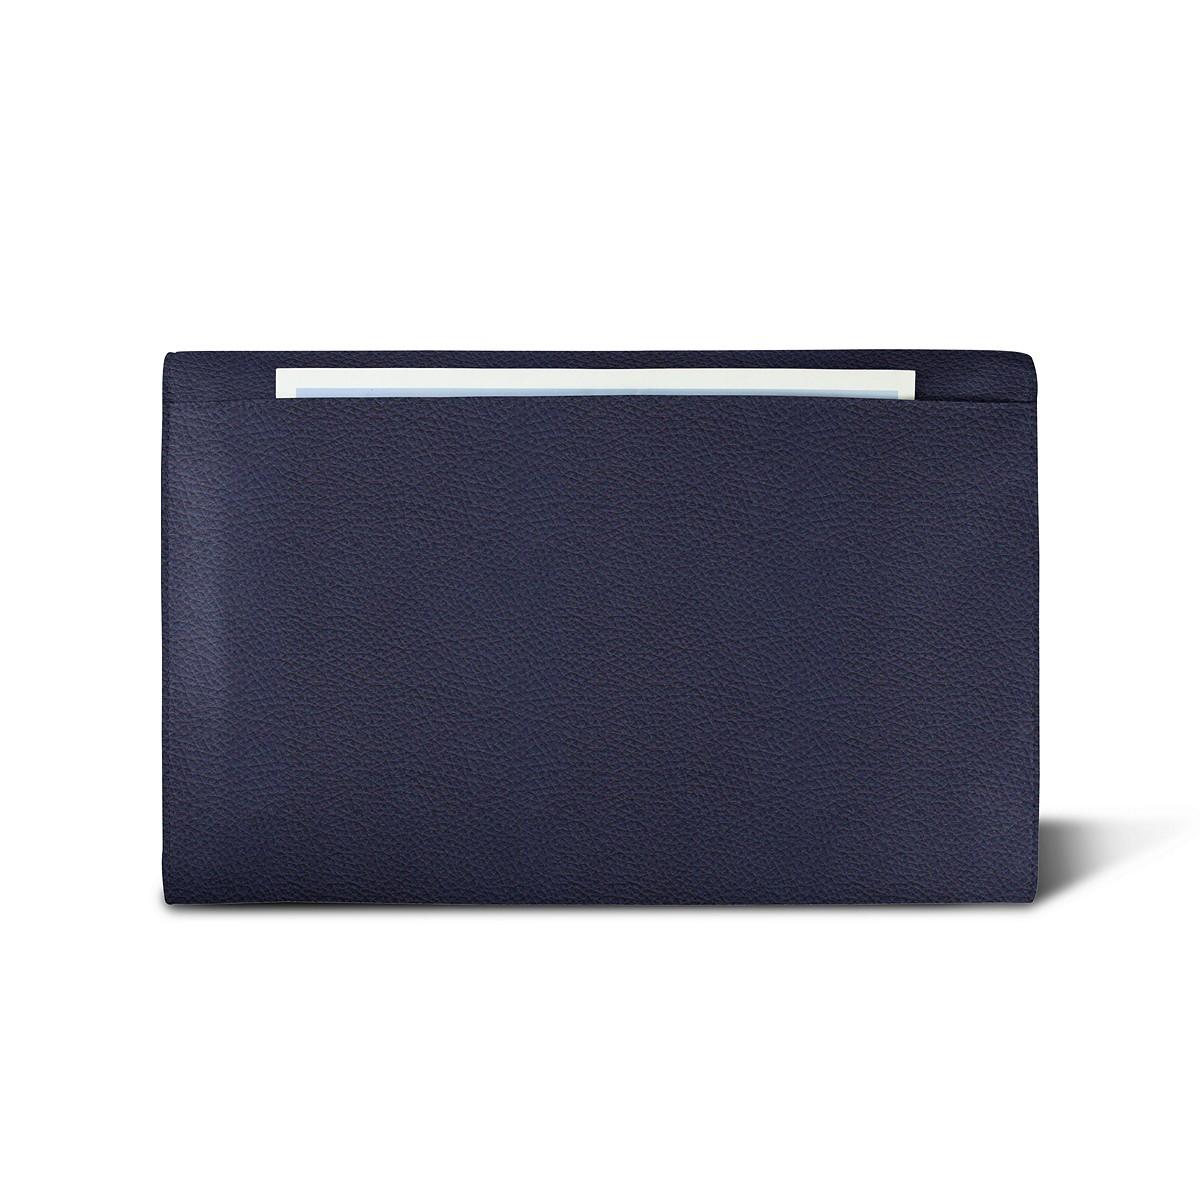 Soft briefcase